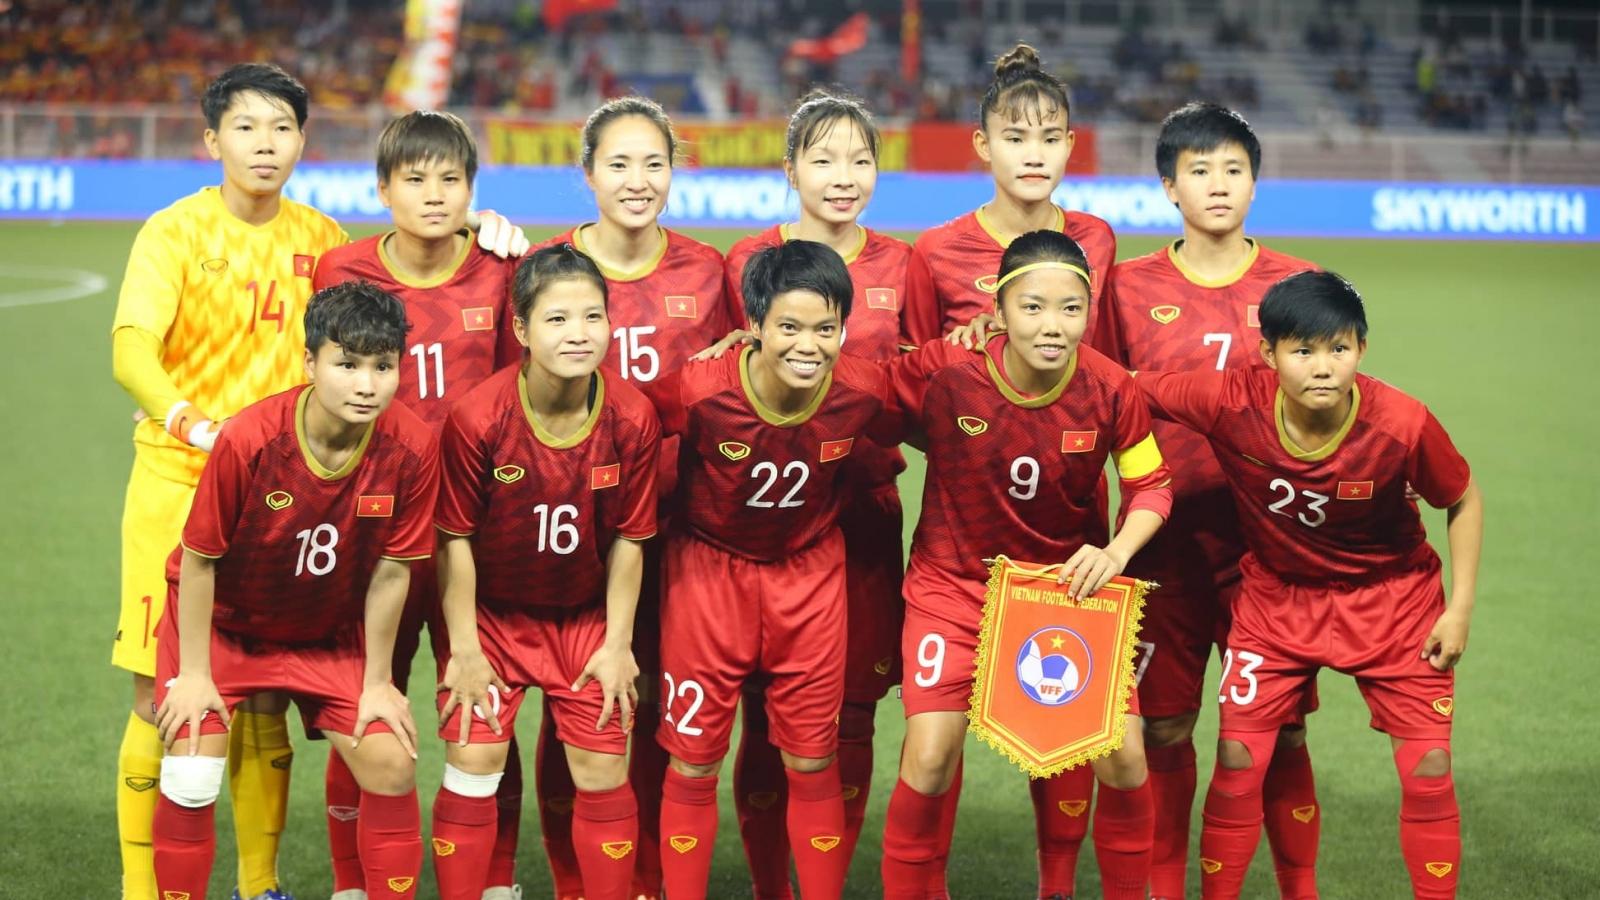 ĐT nữ Việt Nam khởi đầu hành trình săn vé World Cup trên mặt sân cỏ nhân tạo